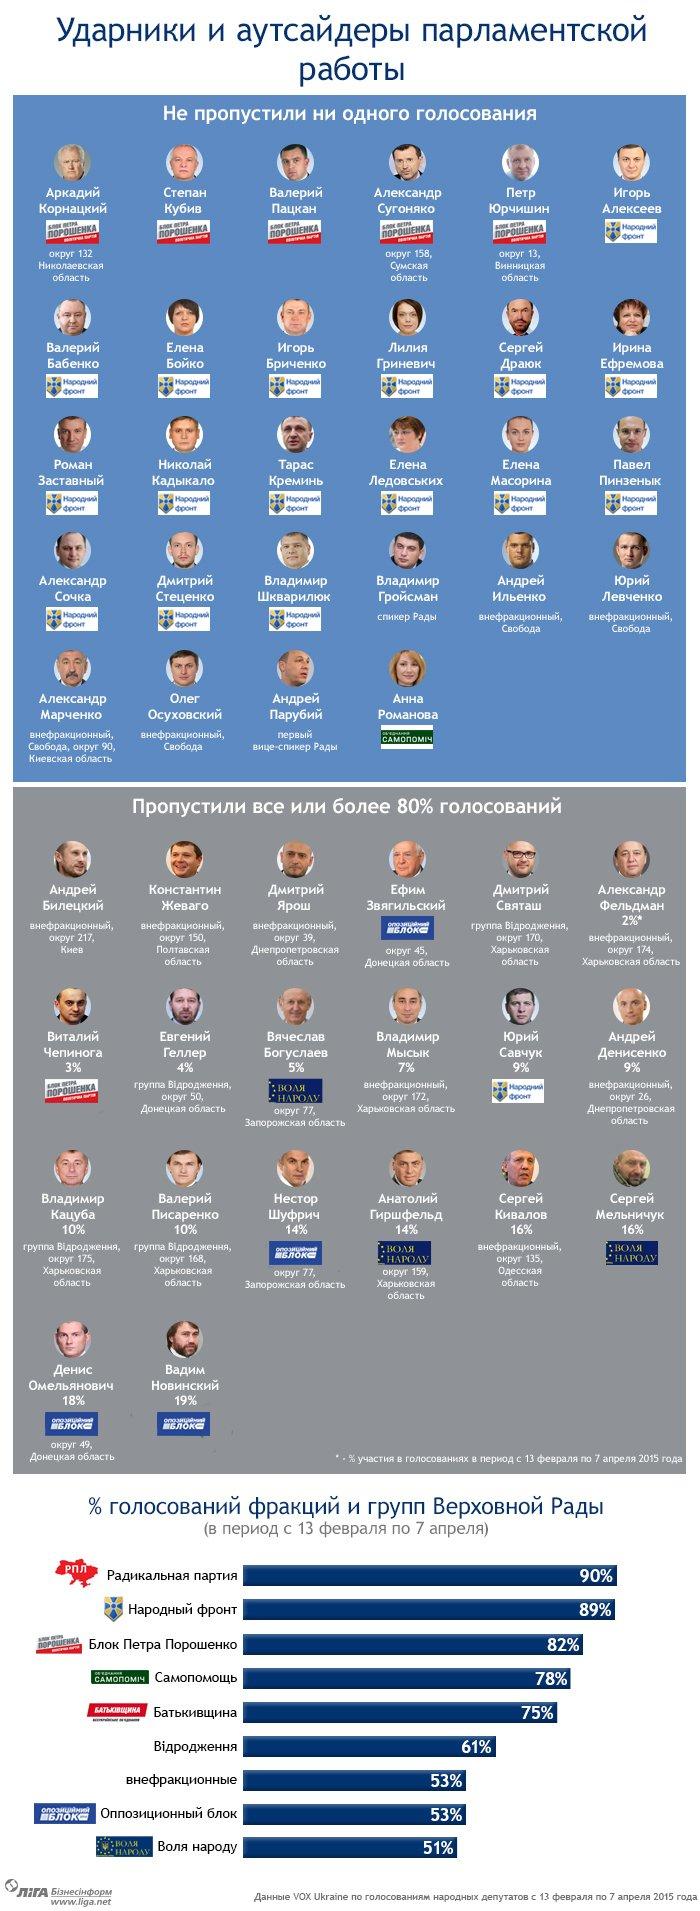 Депутаты Херсонщины в ВР - «крепкие хорошисты» (фото) - фото 1